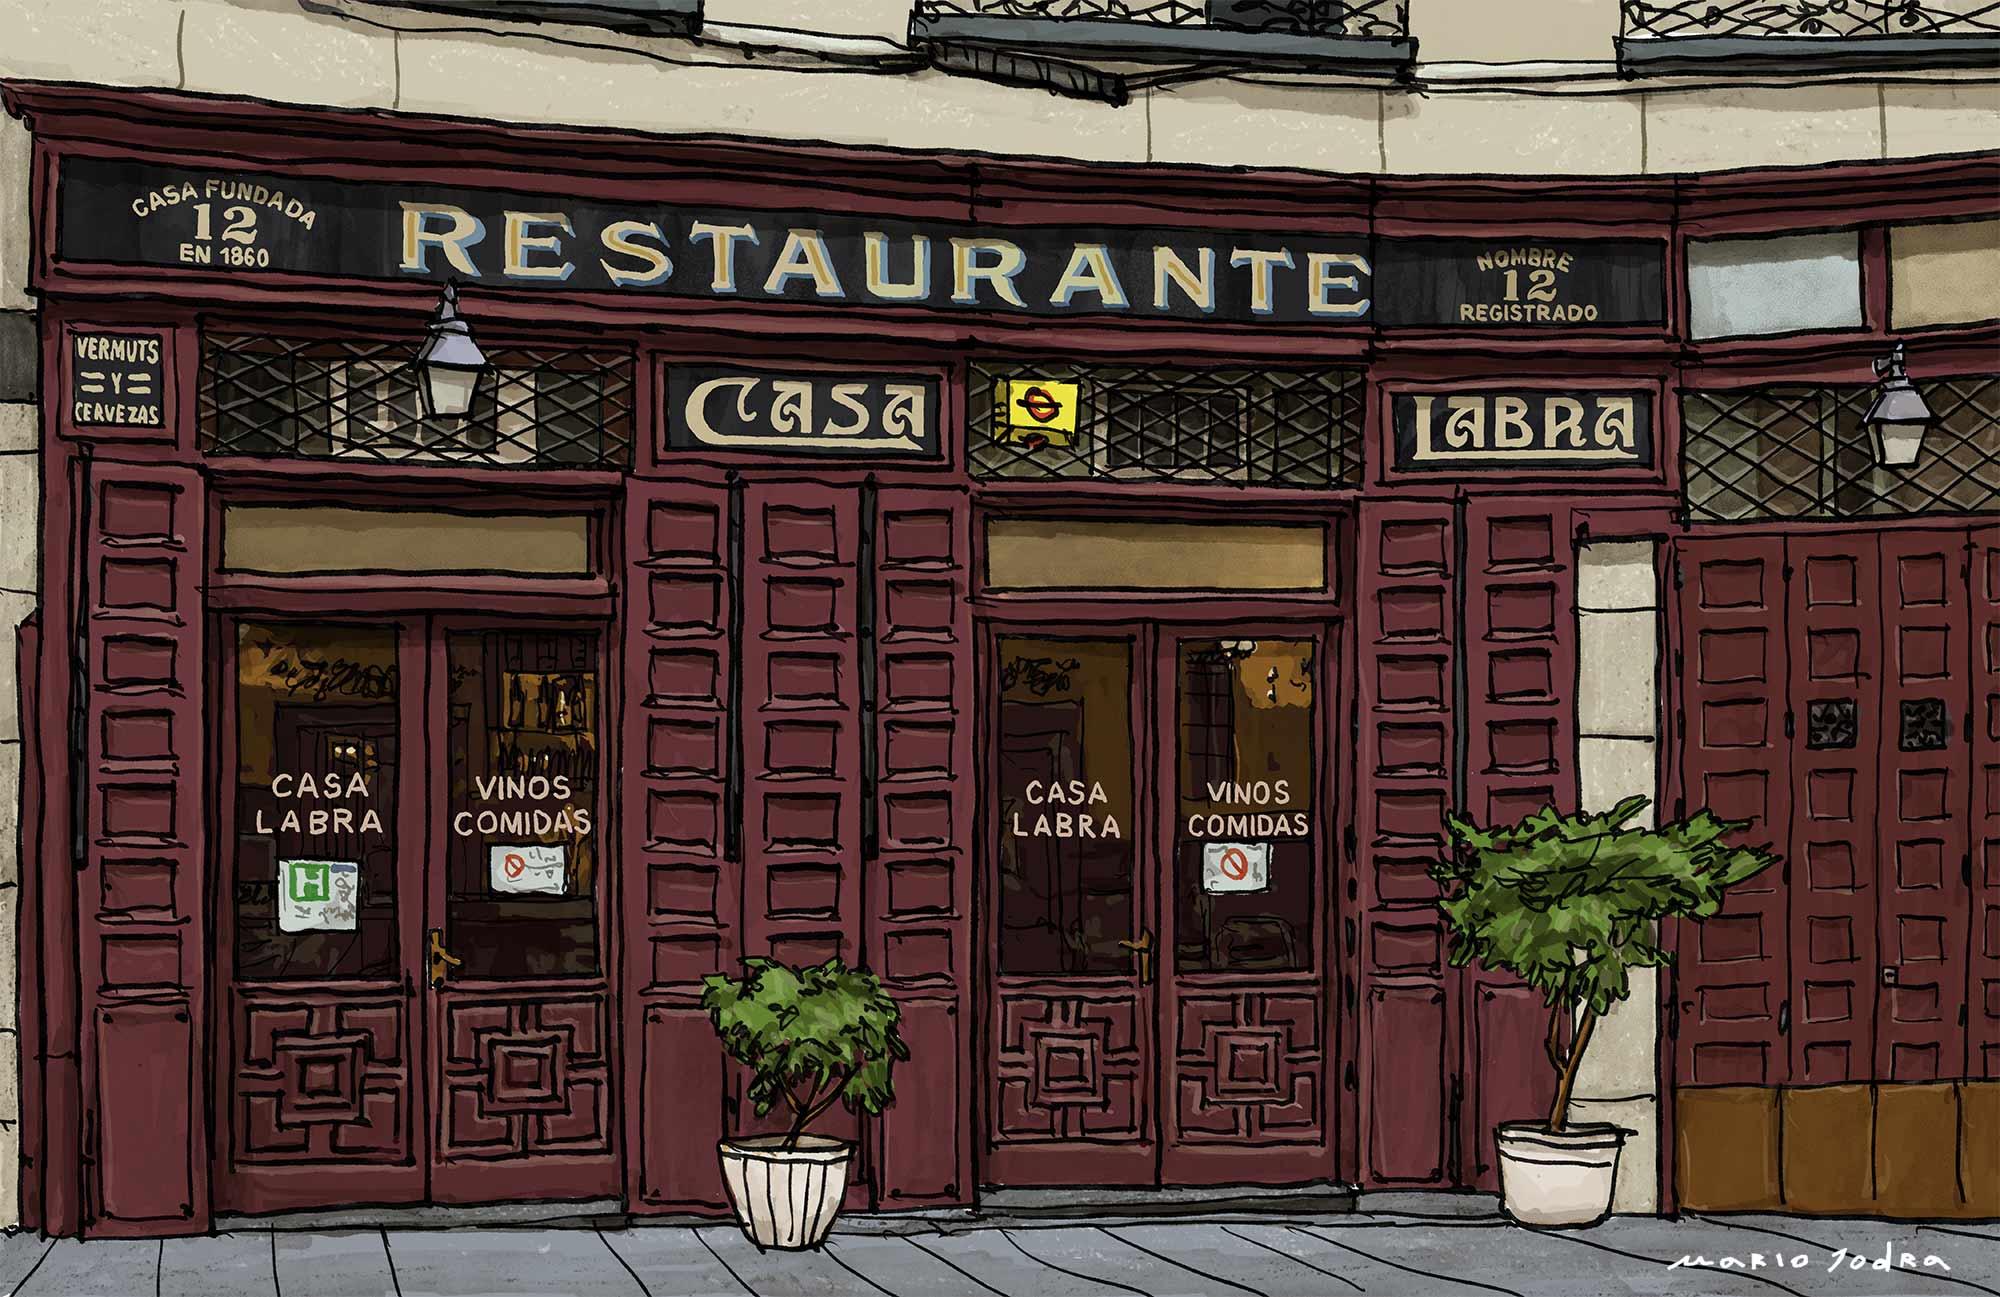 Mario Jodra illustration Art - Casa Labra. Madrid tavern. Since 1860